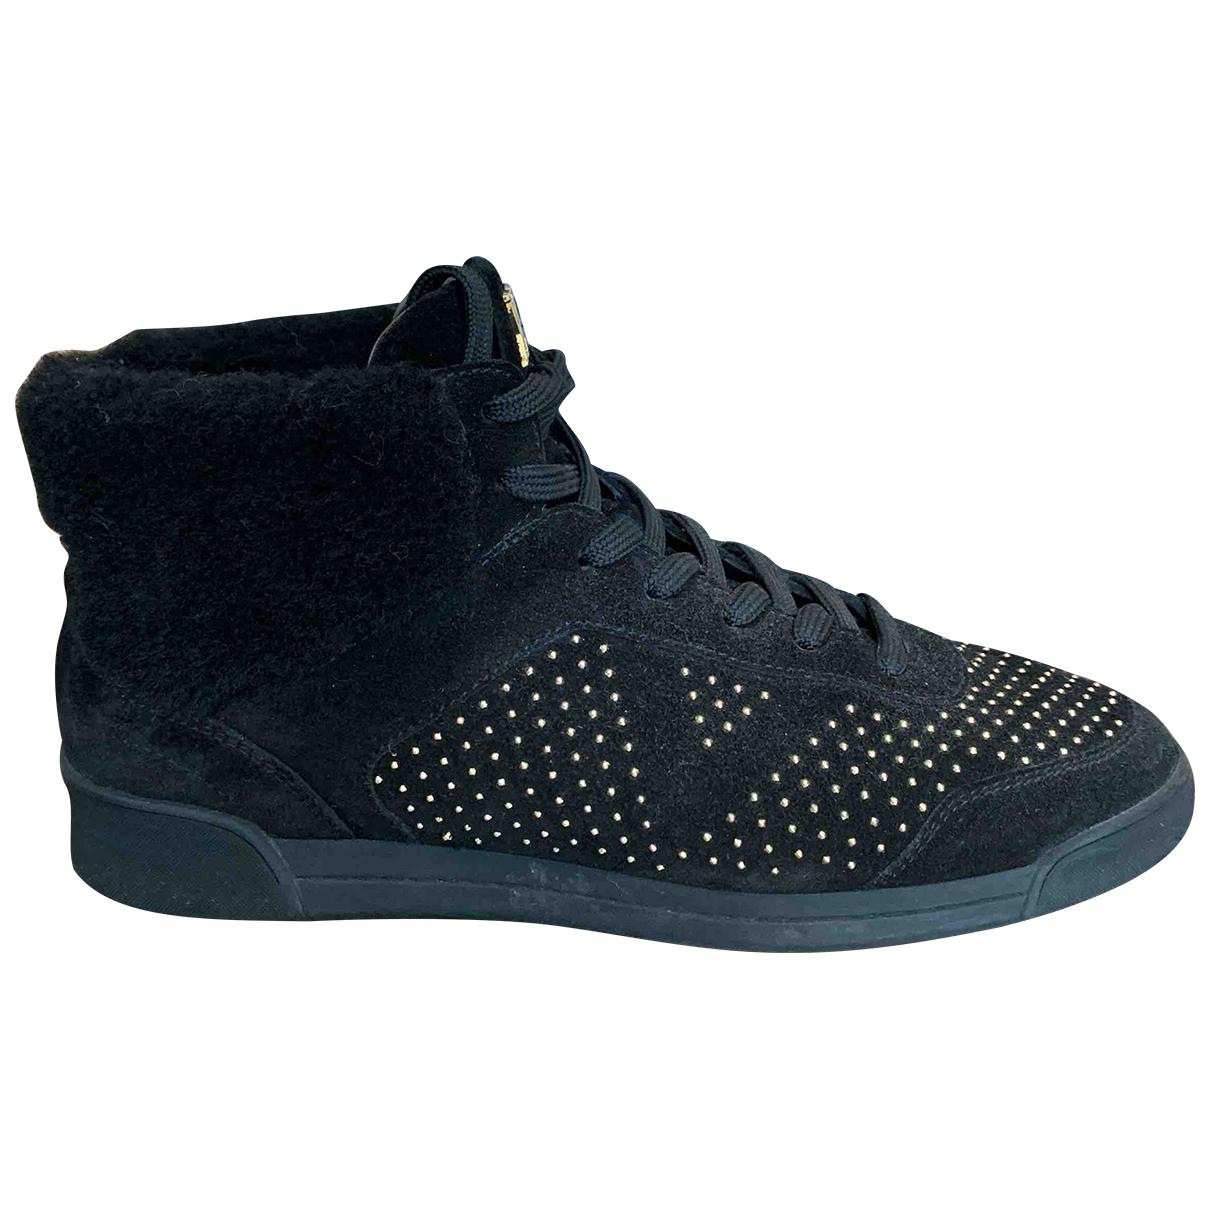 Louis Vuitton - Baskets   pour femme en suede - noir